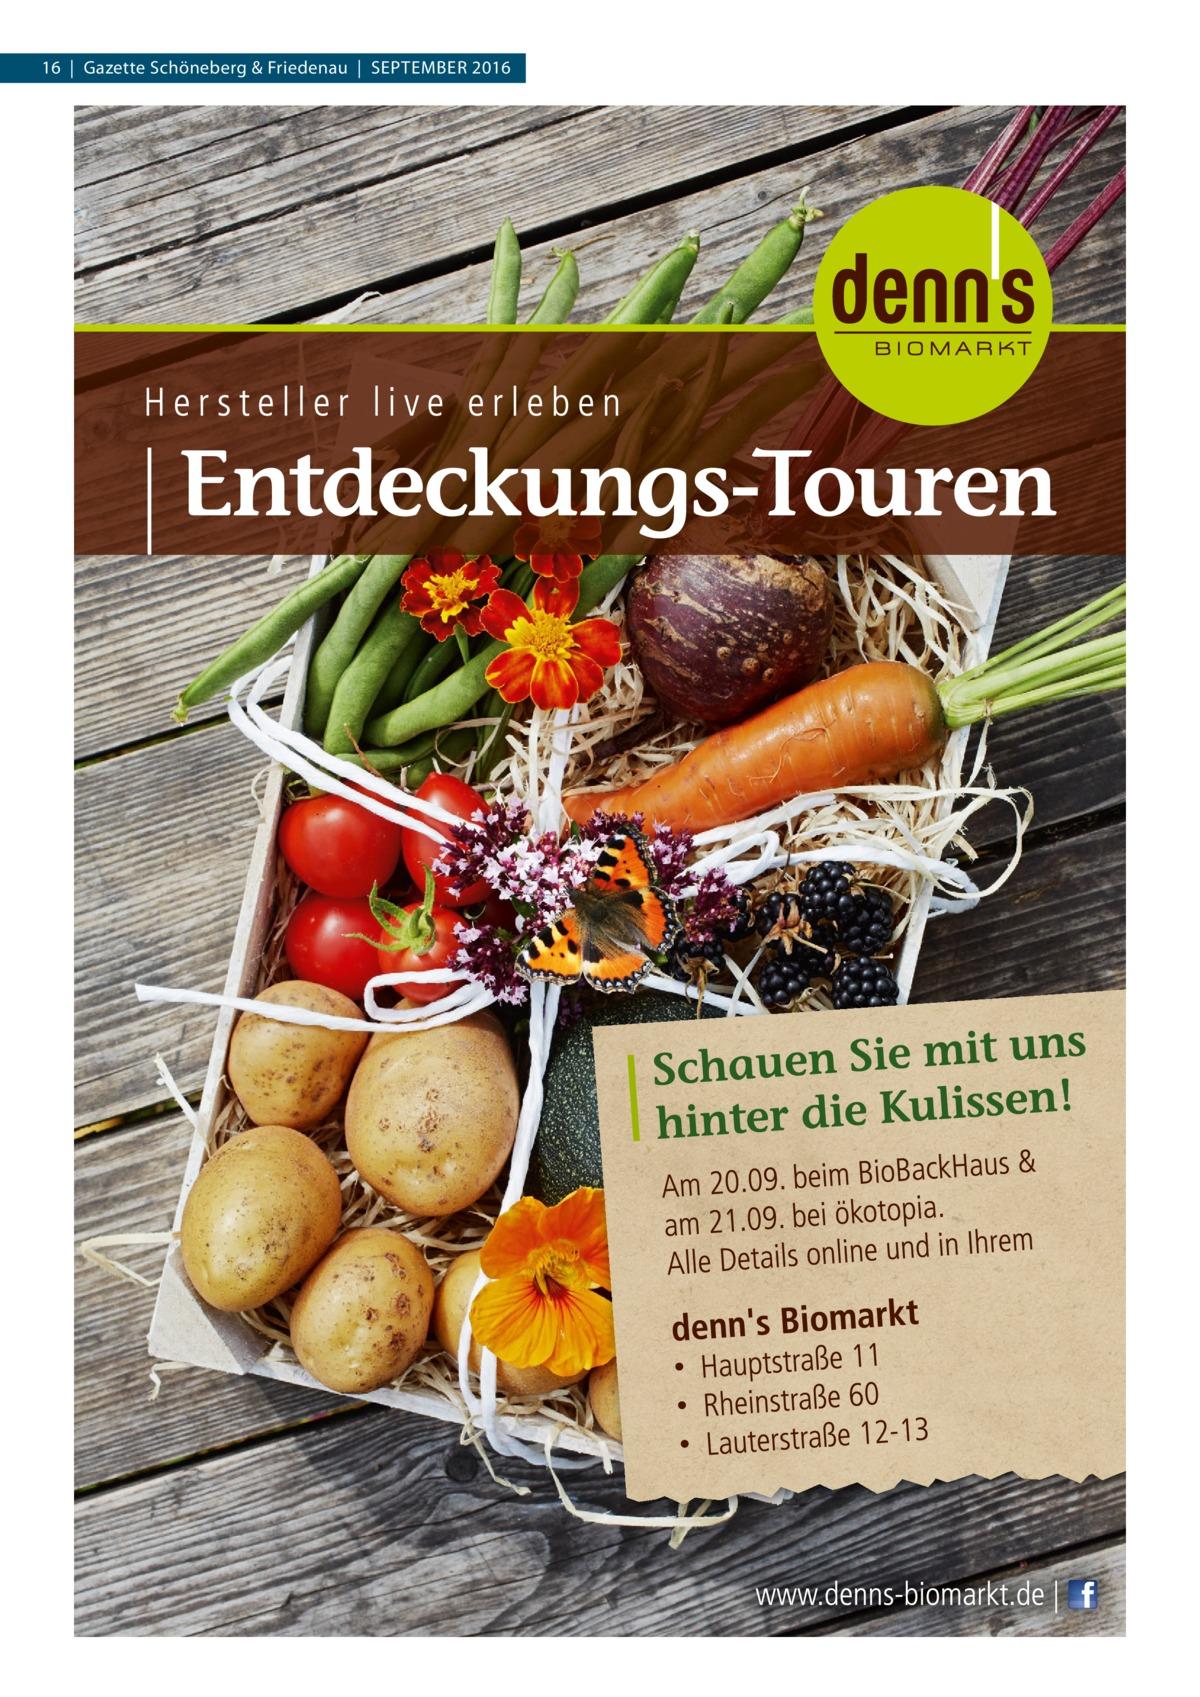 16|Gazette Schöneberg & Friedenau|September 2016